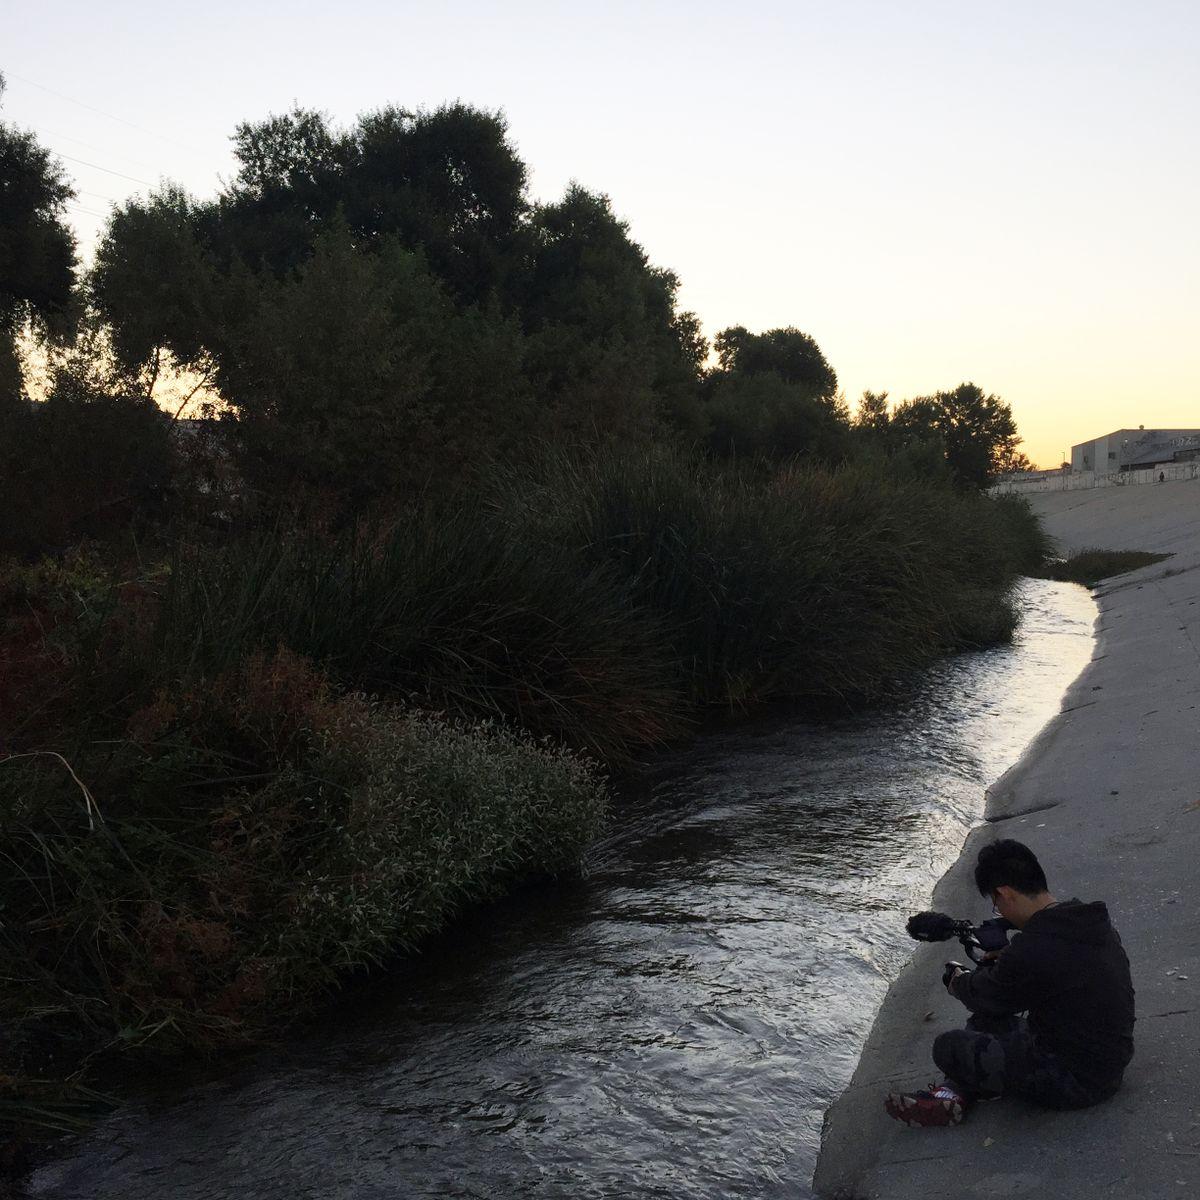 LA River filming